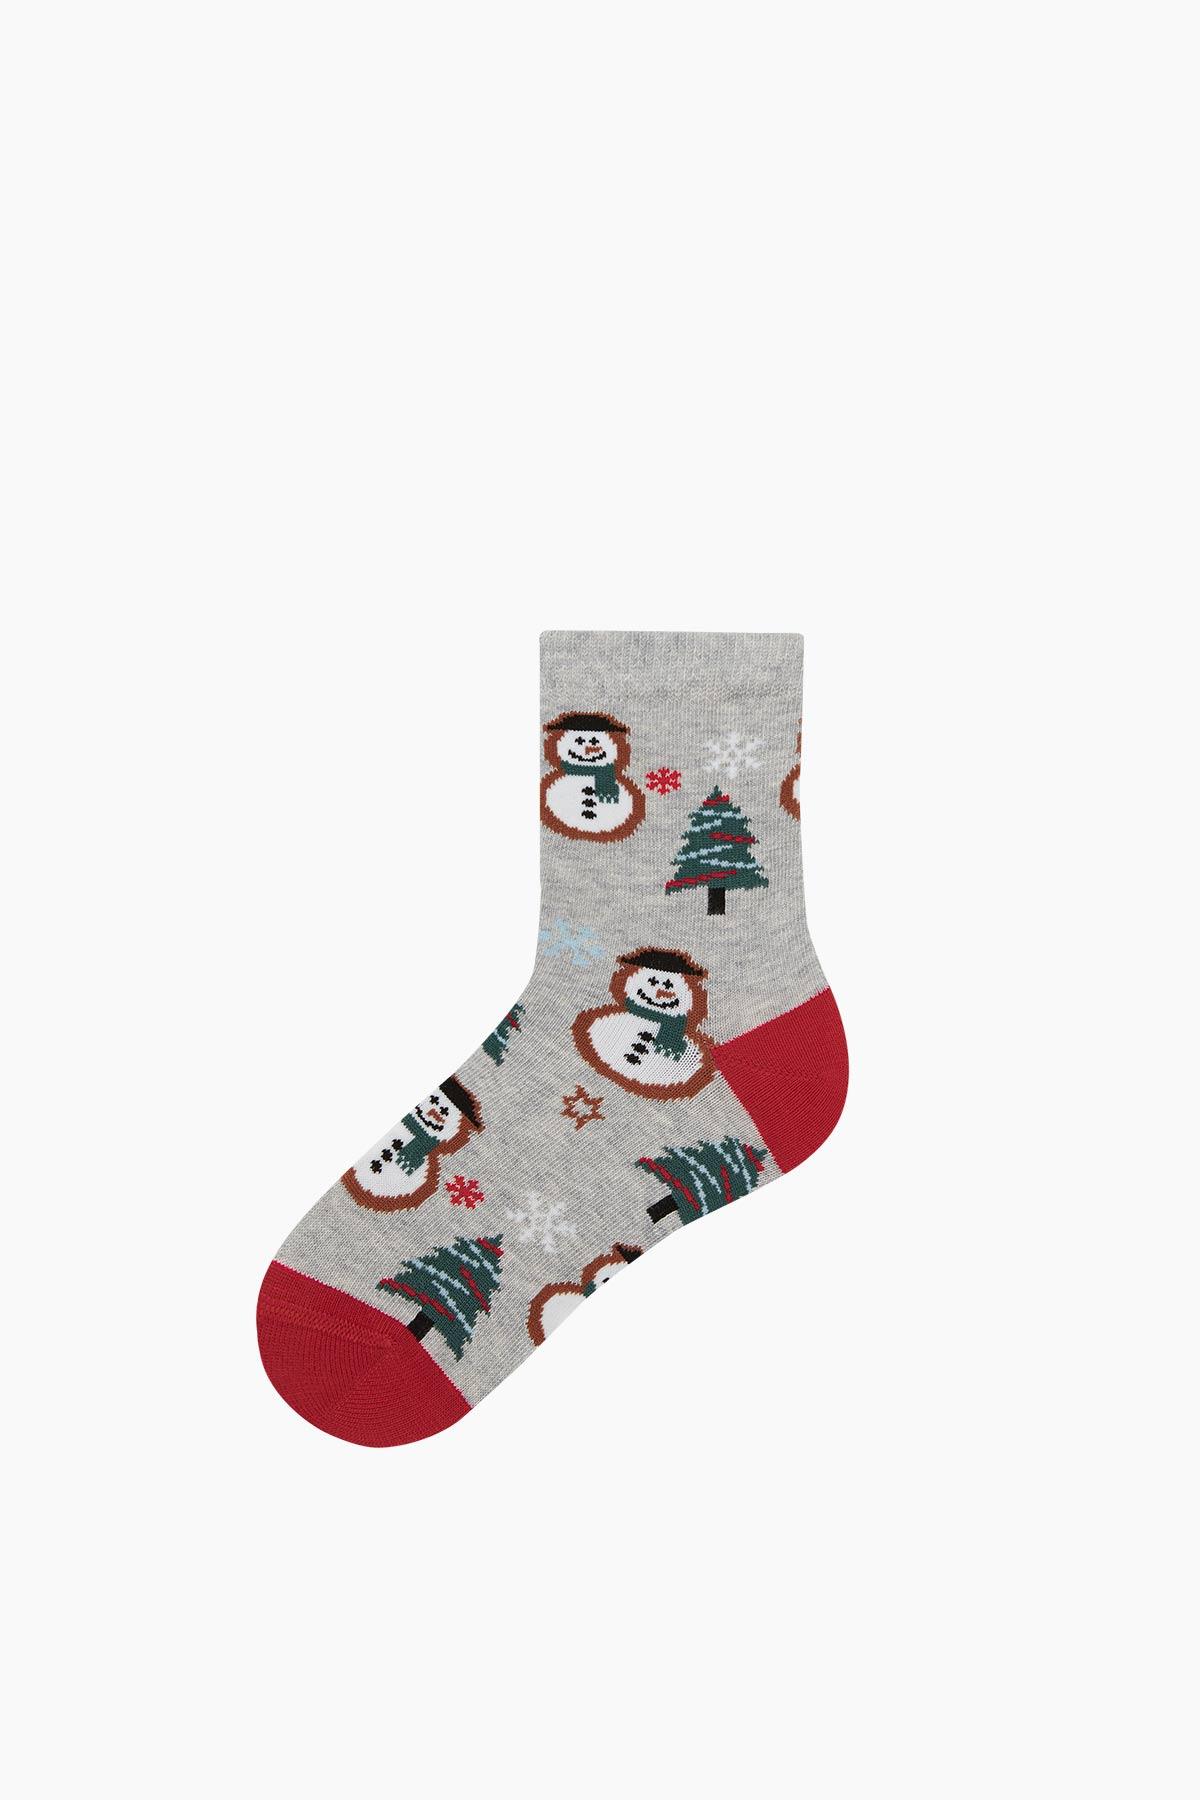 2'li Snow Man Desenli Baba Çocuk Çorabı - Thumbnail